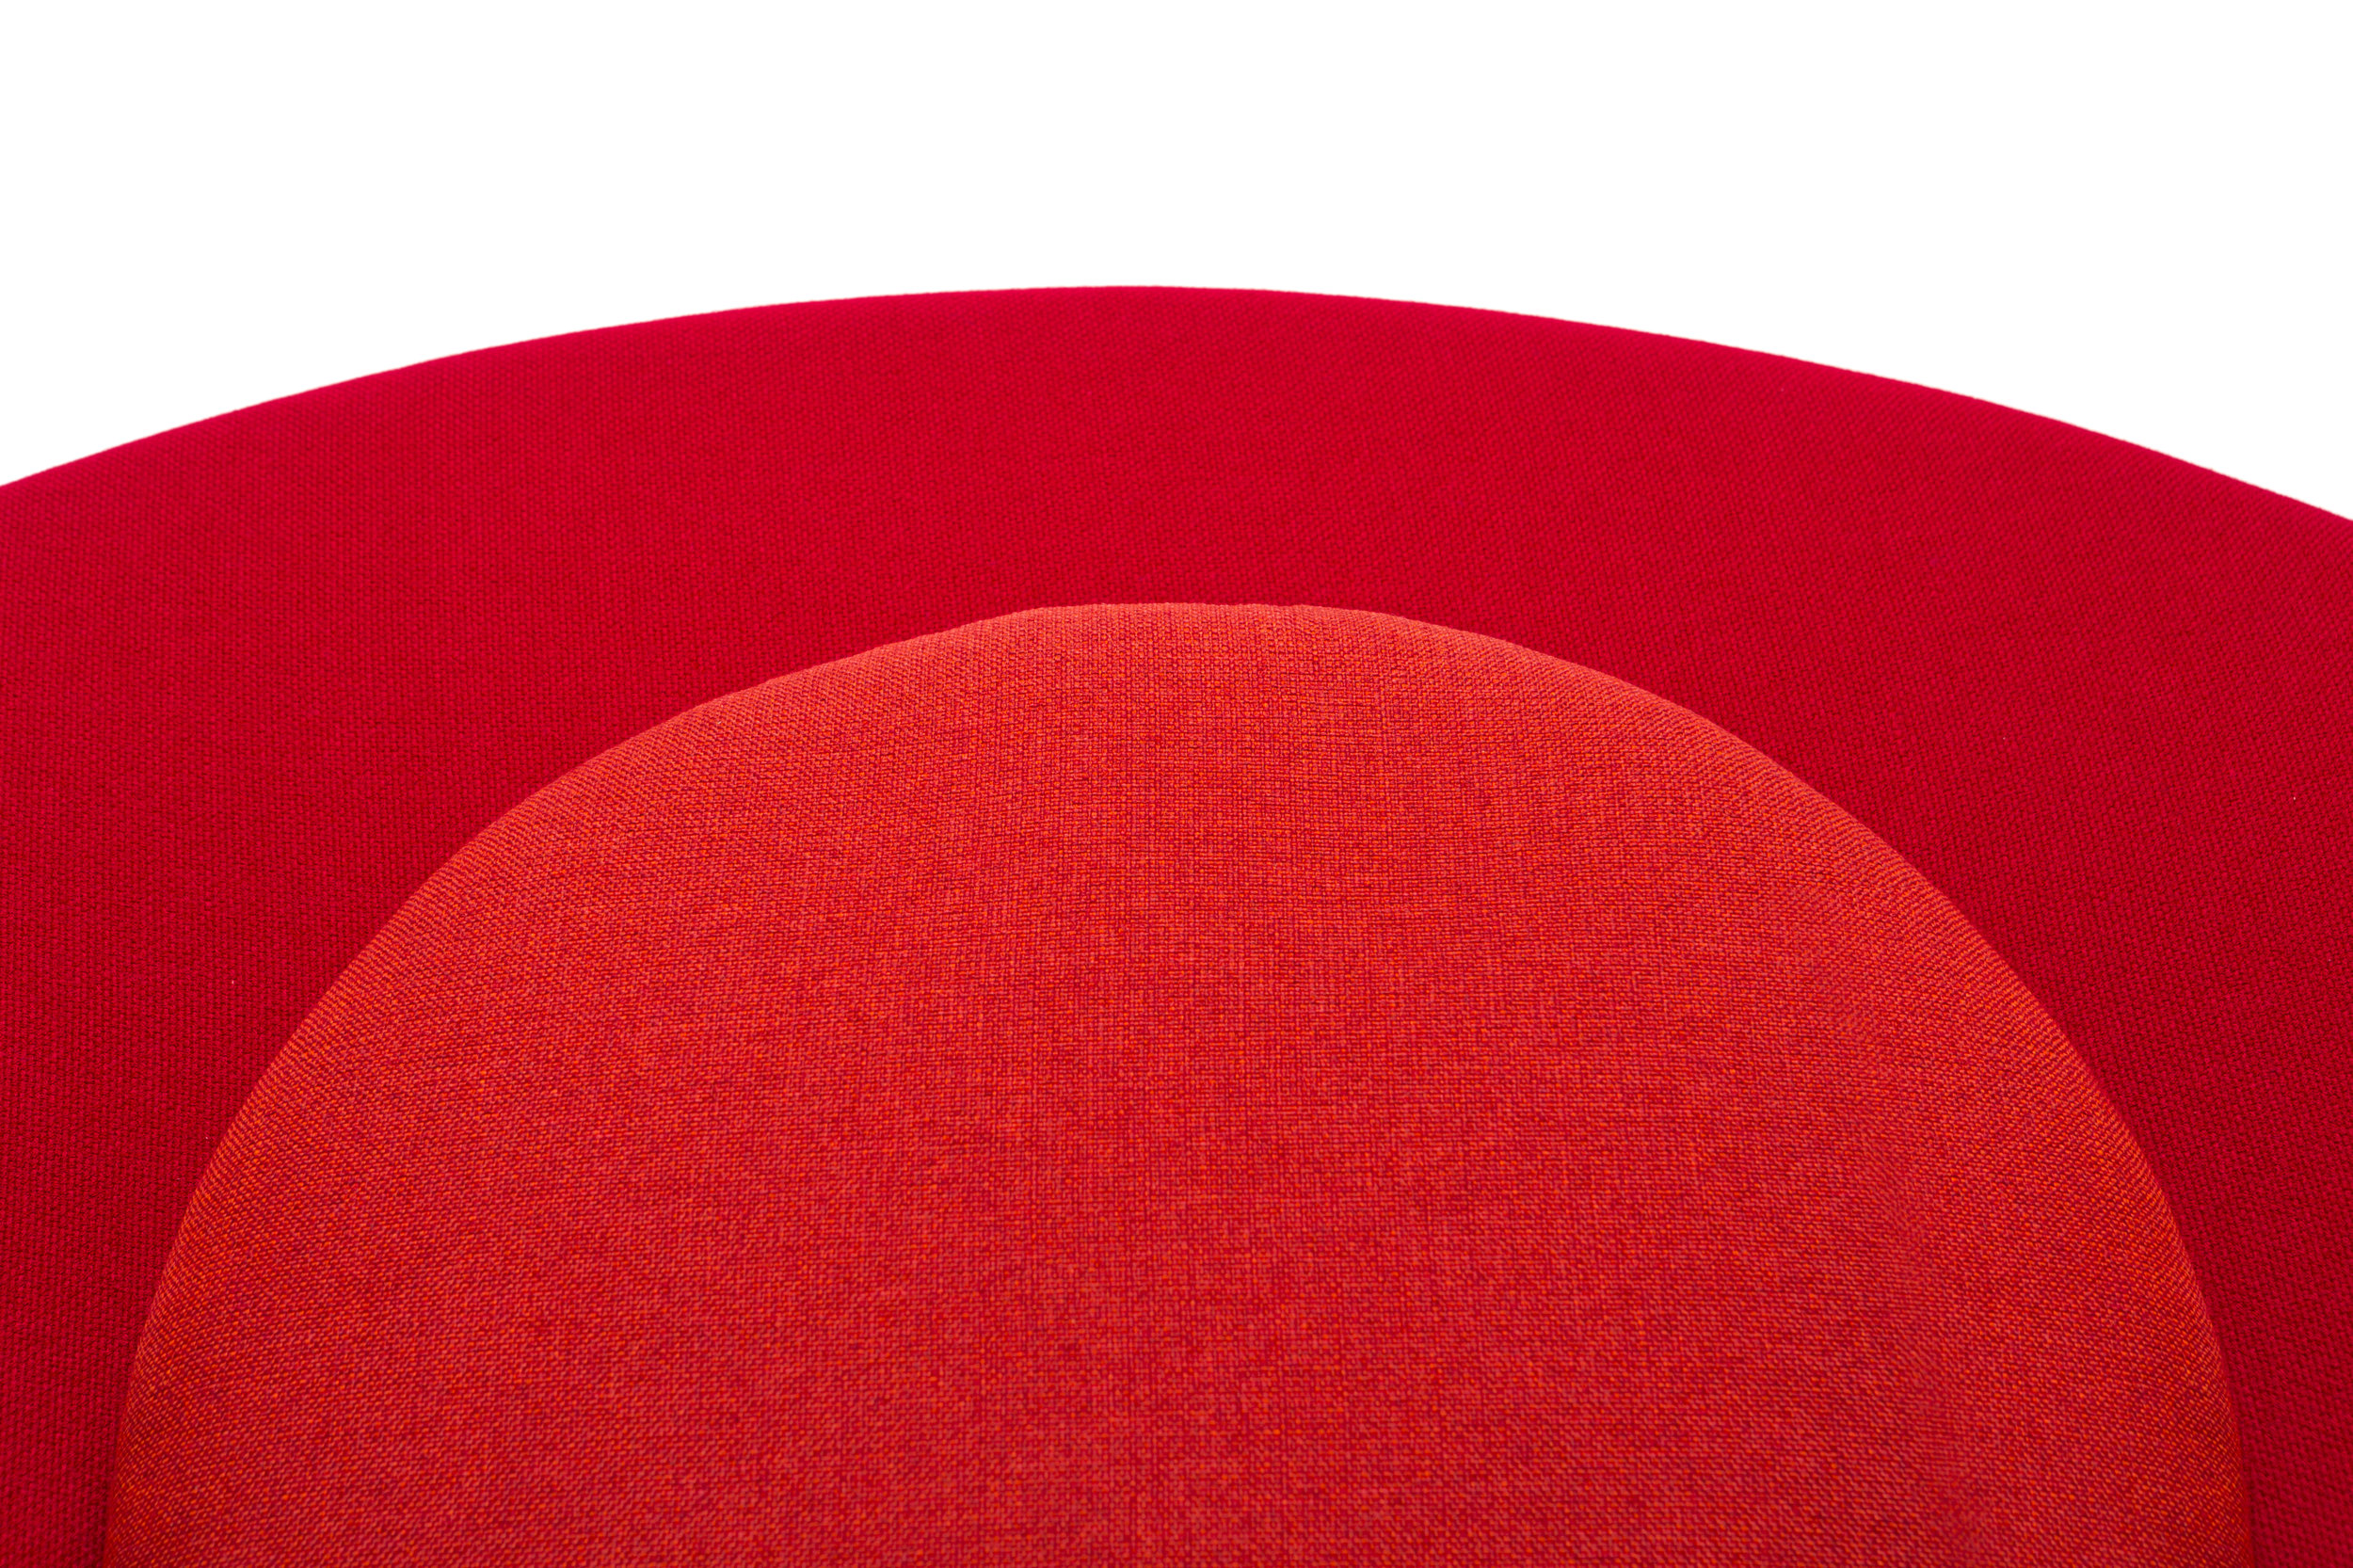 jorge-diego-etienne-círculos-21